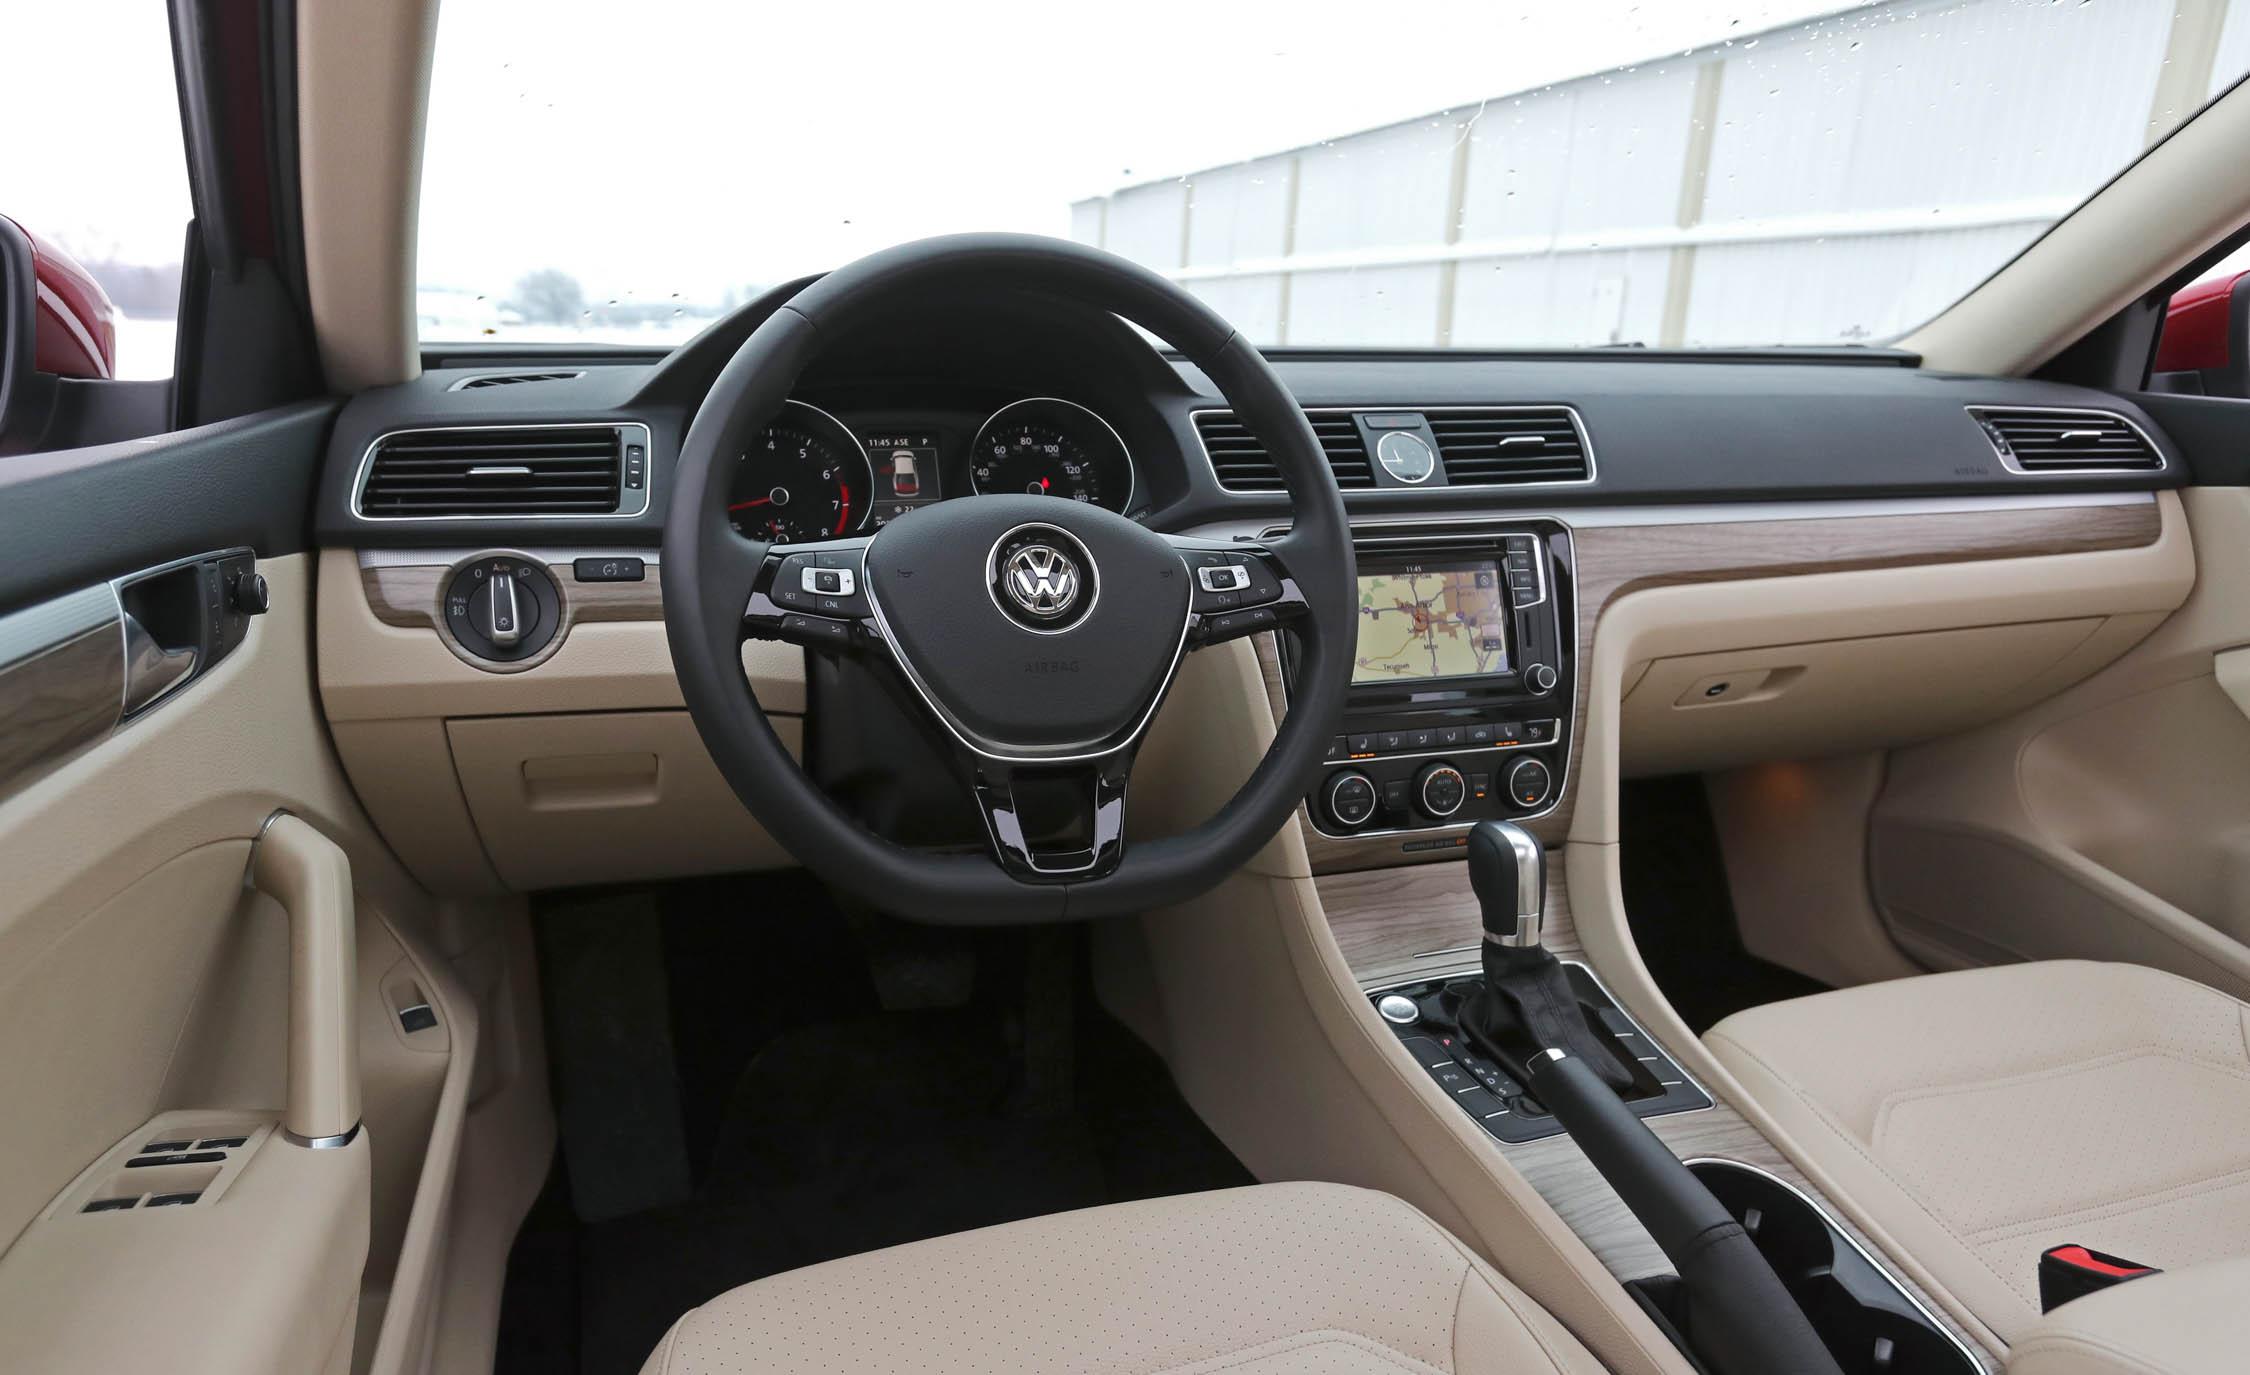 2017 Volkswagen Passat (Photo 21 of 24)